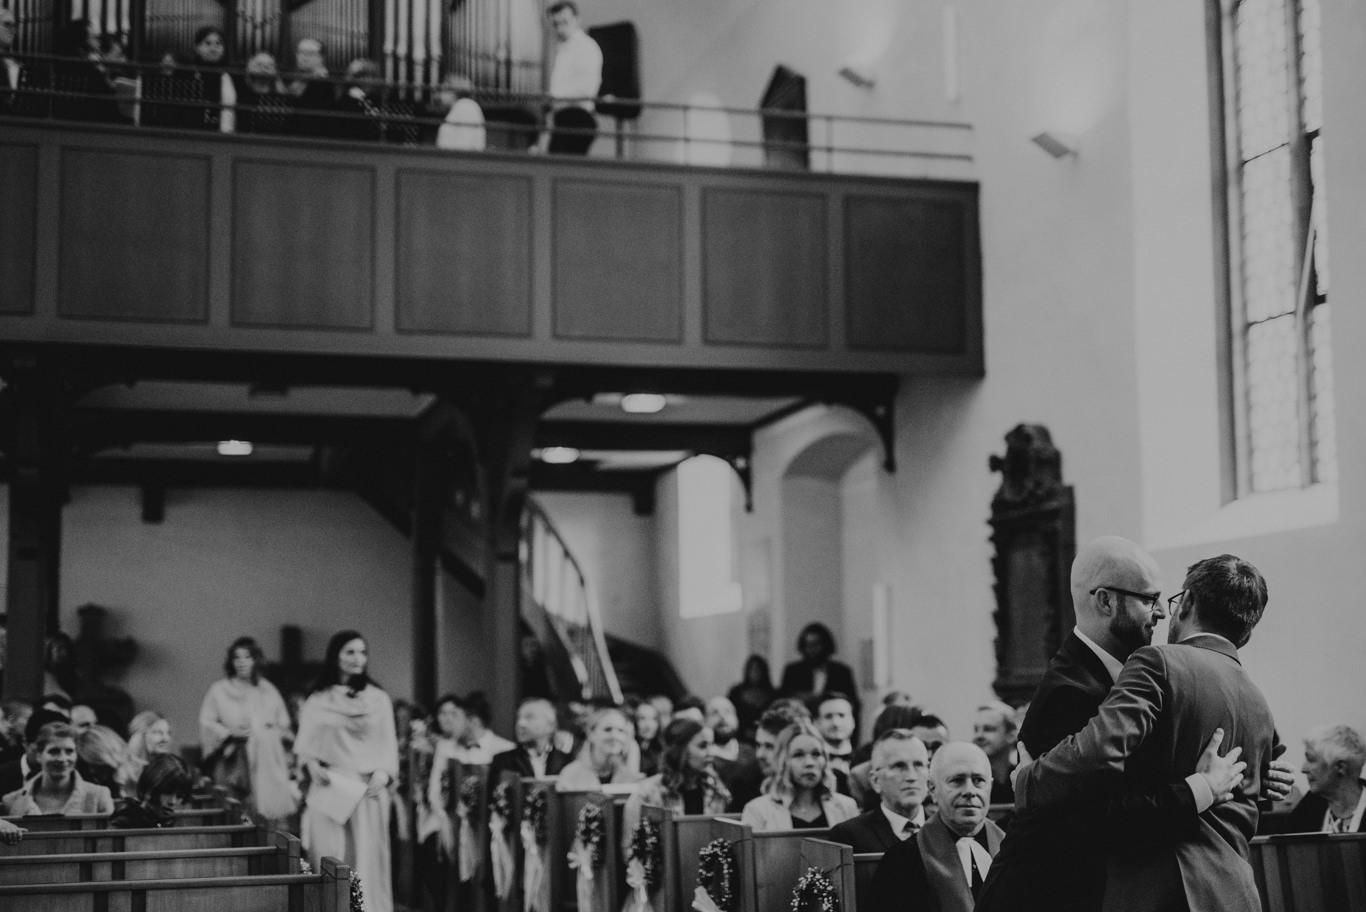 Hochzeitsfotograf Neckarsteinach evangelische Kirche Hochzeitsfotos Fotograf Hochzeit Hoher Darsberg Bilder